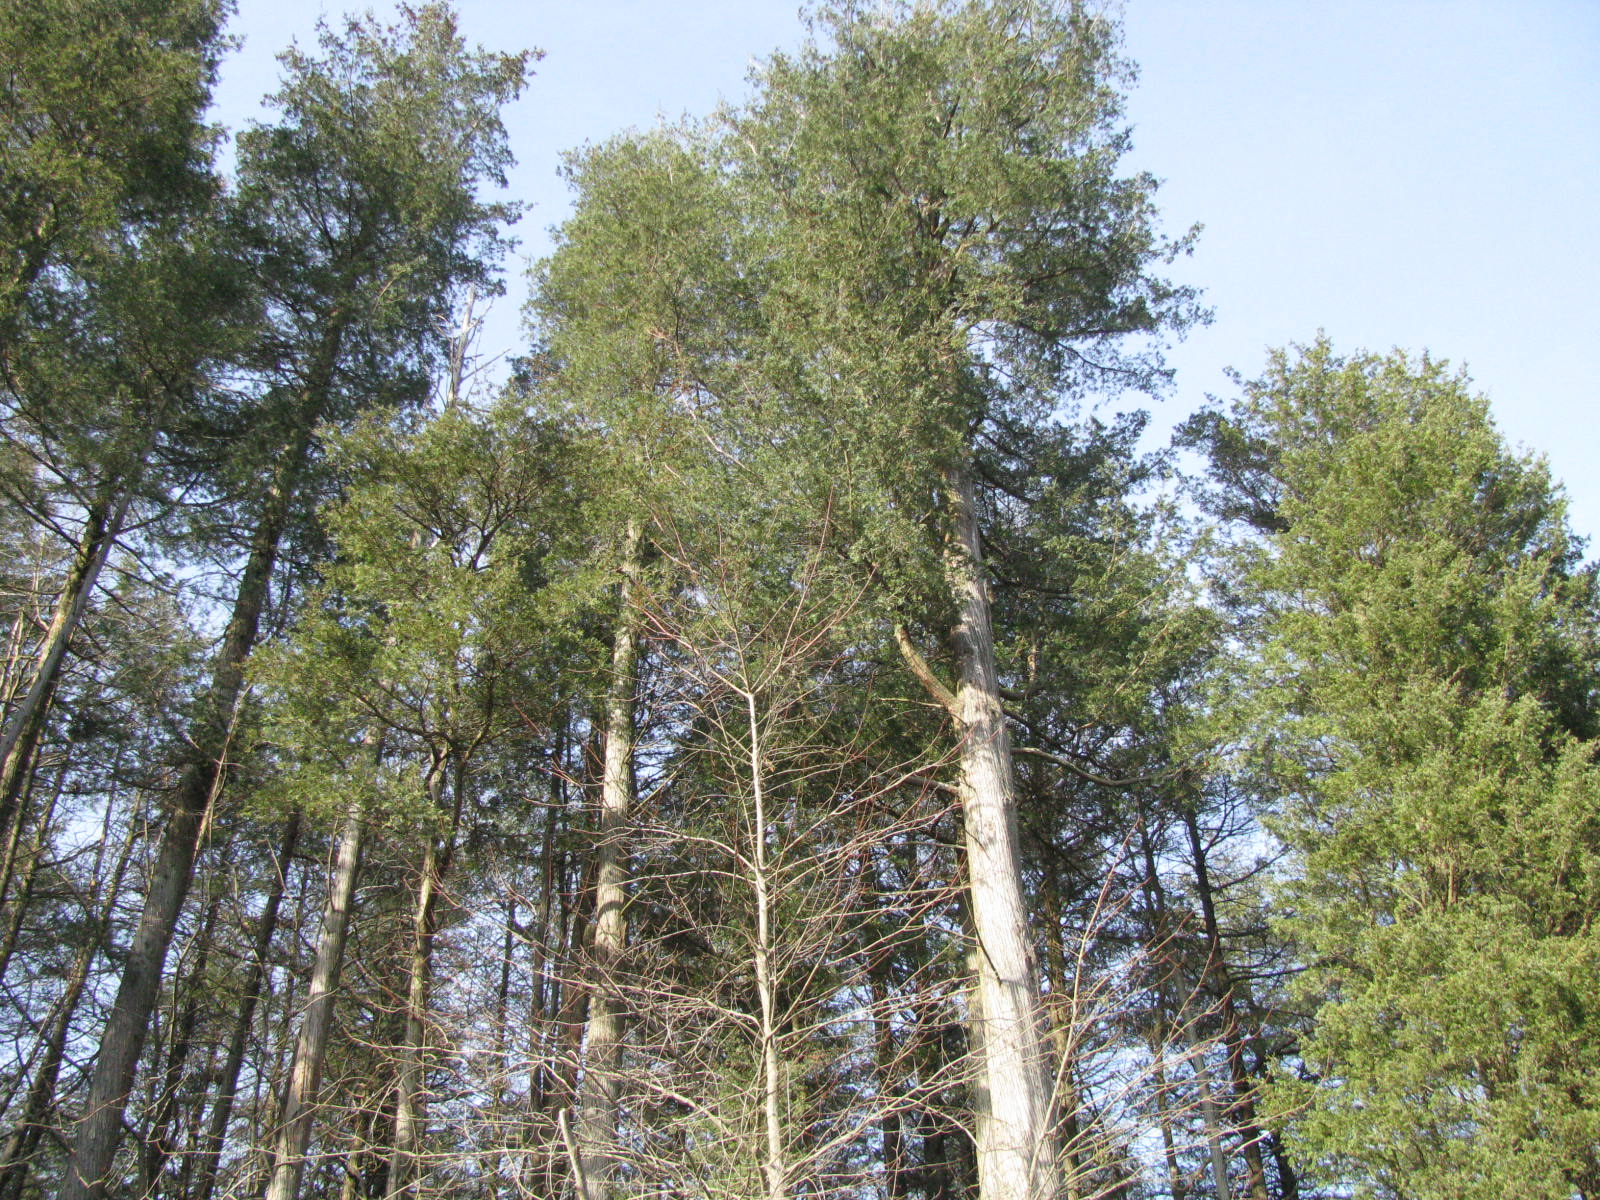 Atlantic White Cedar at The Preserve